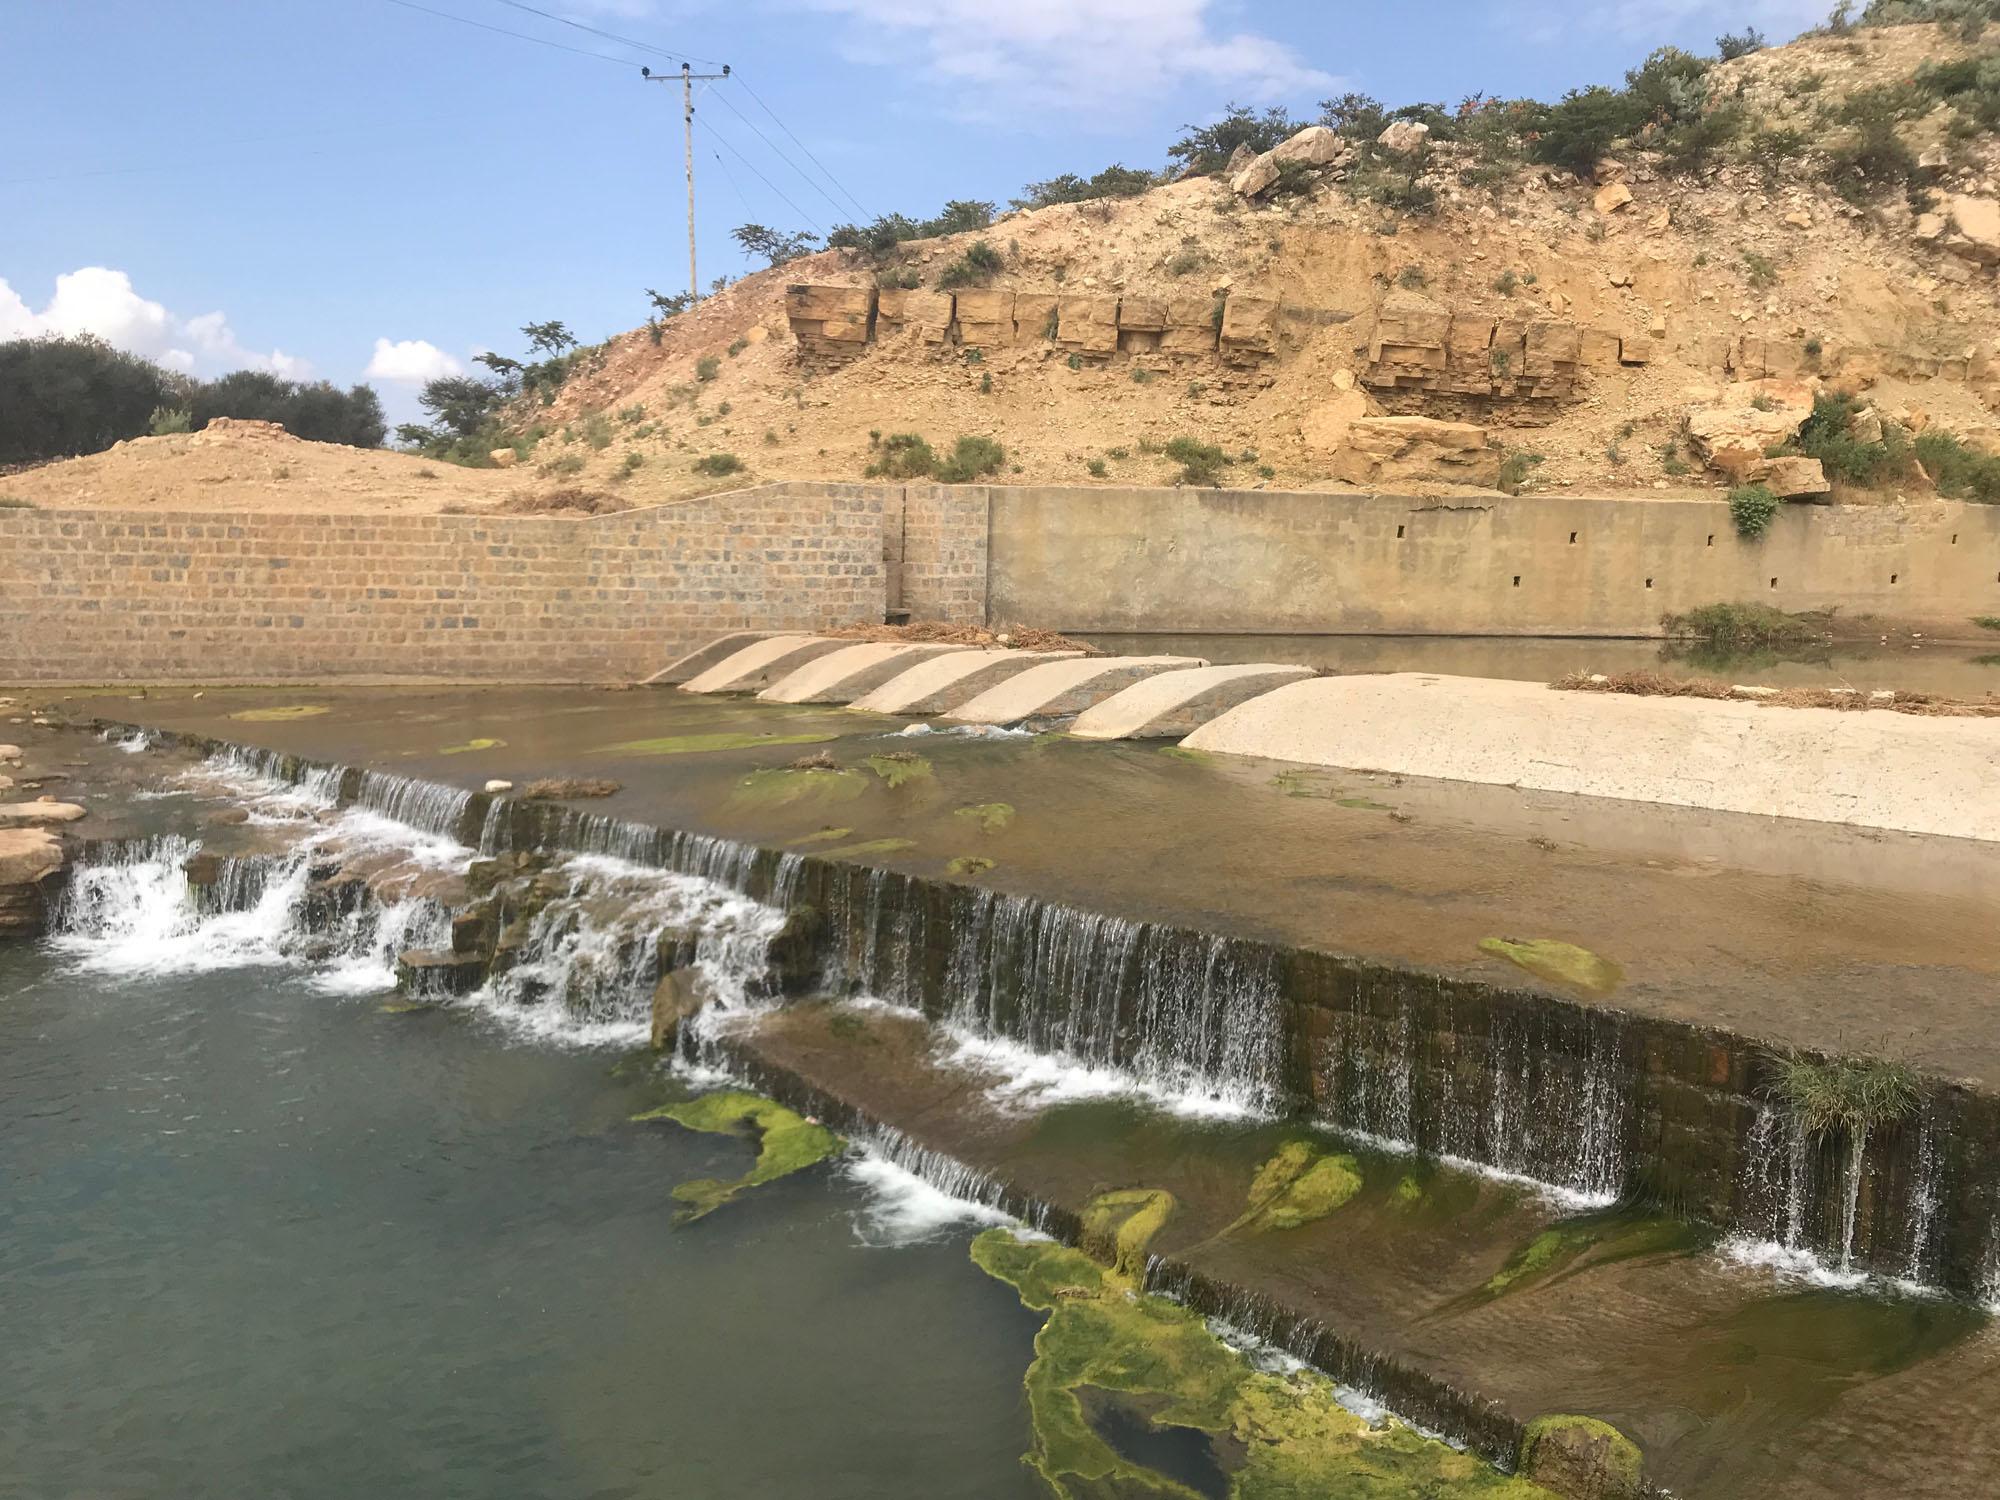 Kainaberak 2 - Formación para proteger las tierras de cultivo en Etiopía